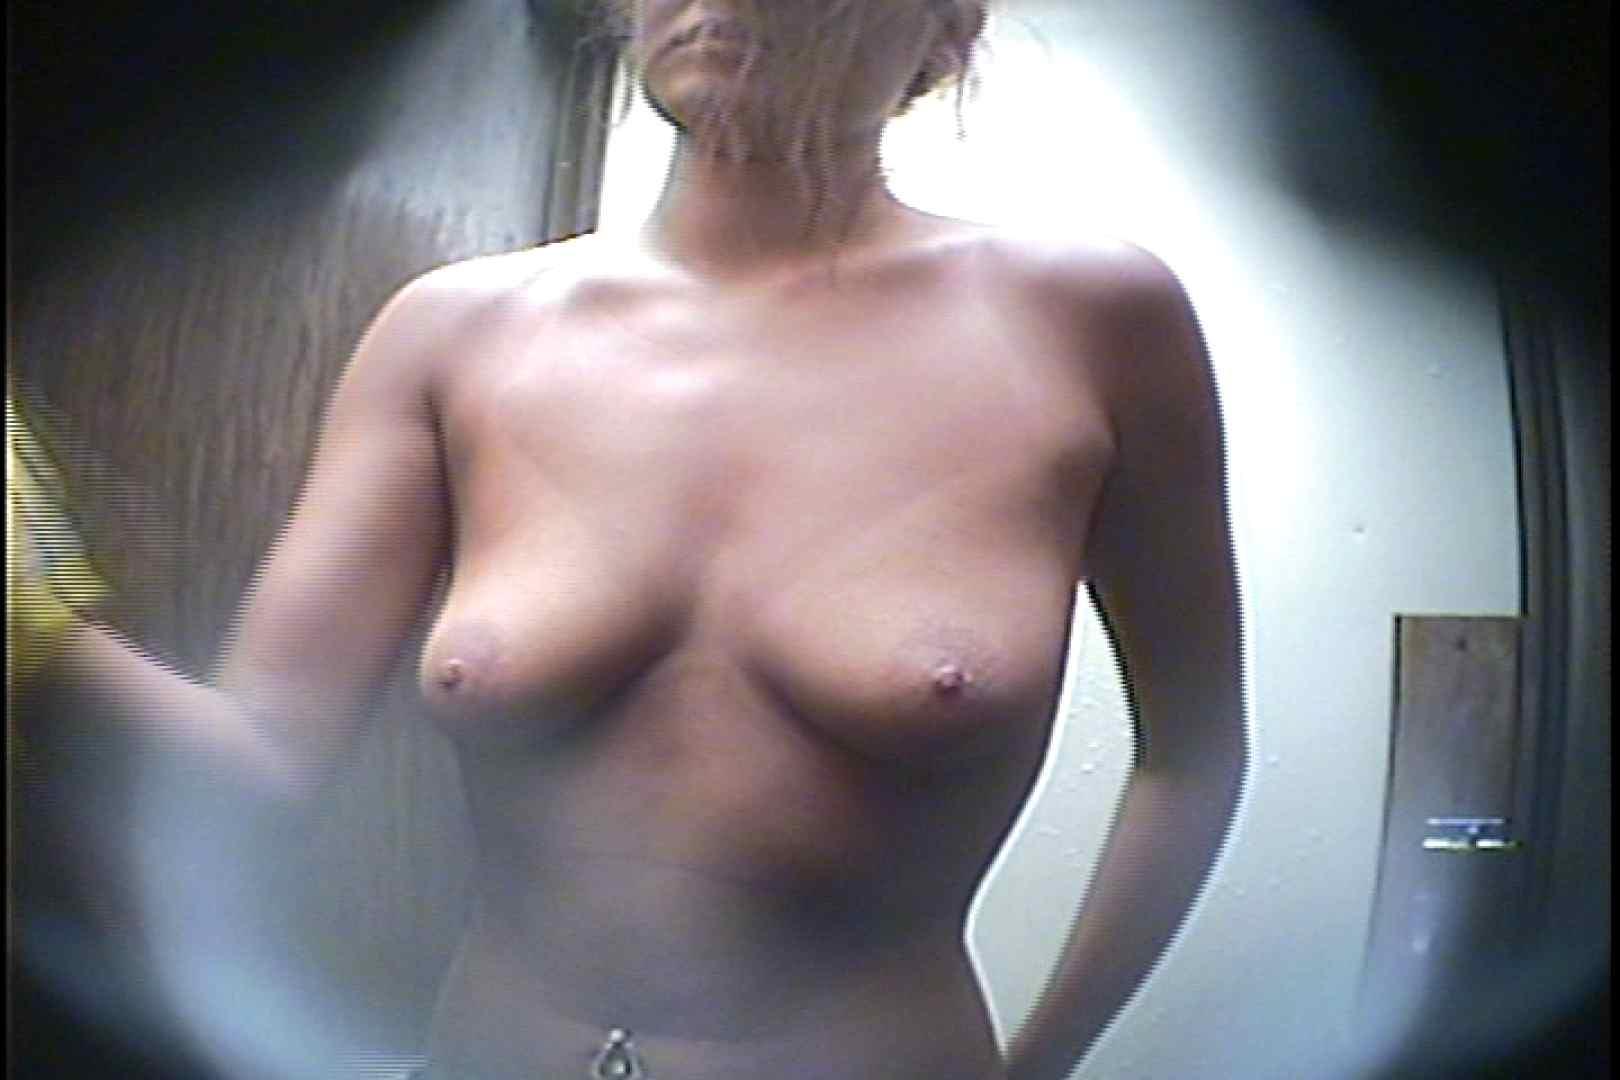 海の家の更衣室 Vol.39 日焼けギャル セックス画像 102枚 90